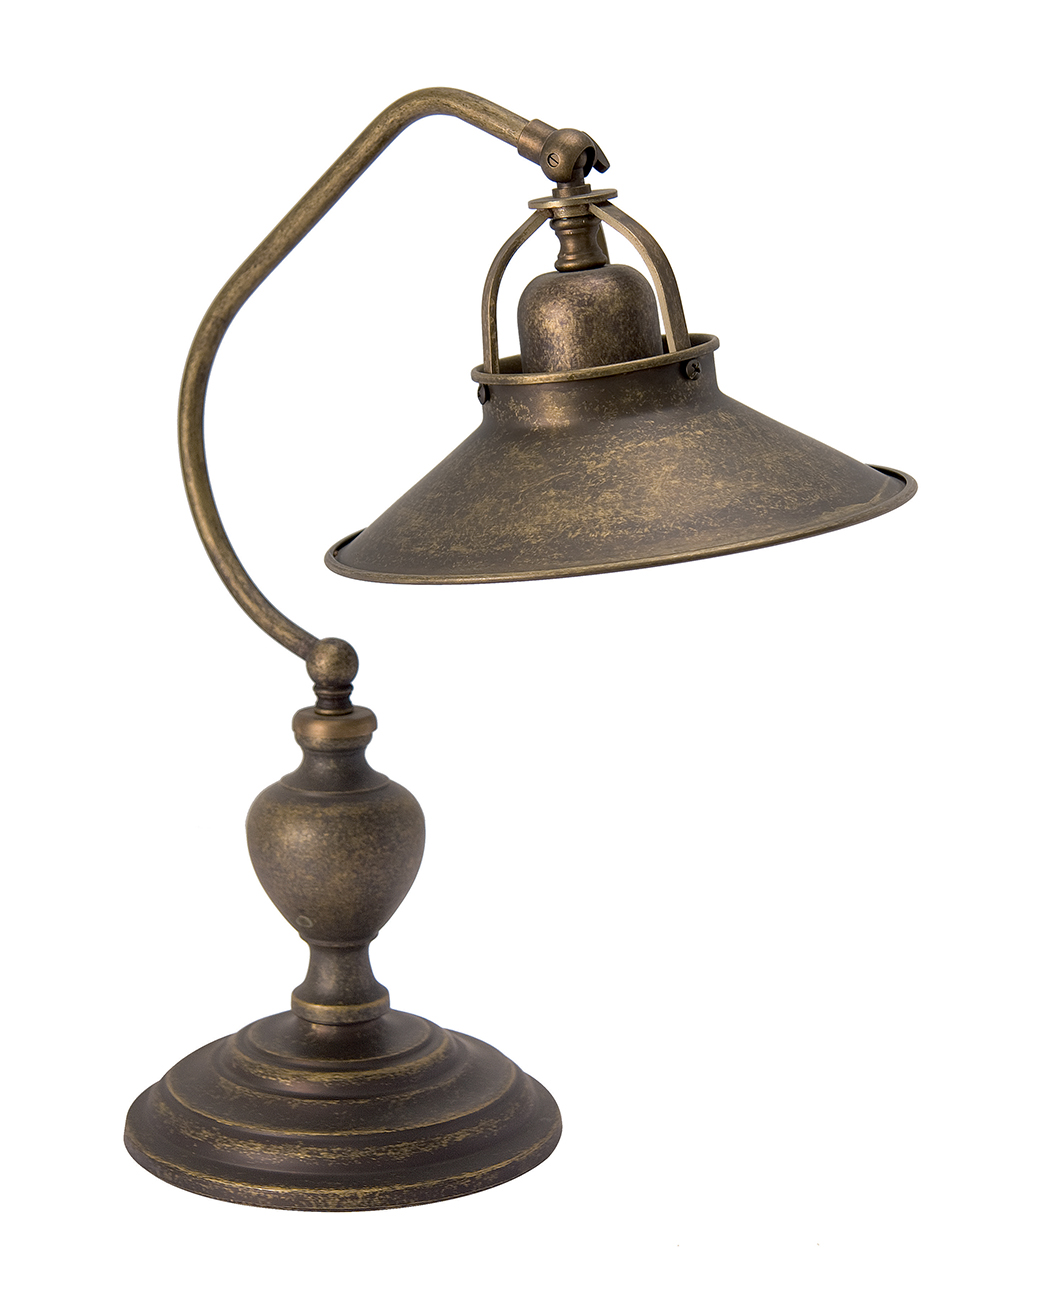 Lampada Da Scrivania In Ottone.Lampada Da Tavolo In Ottone Anticato